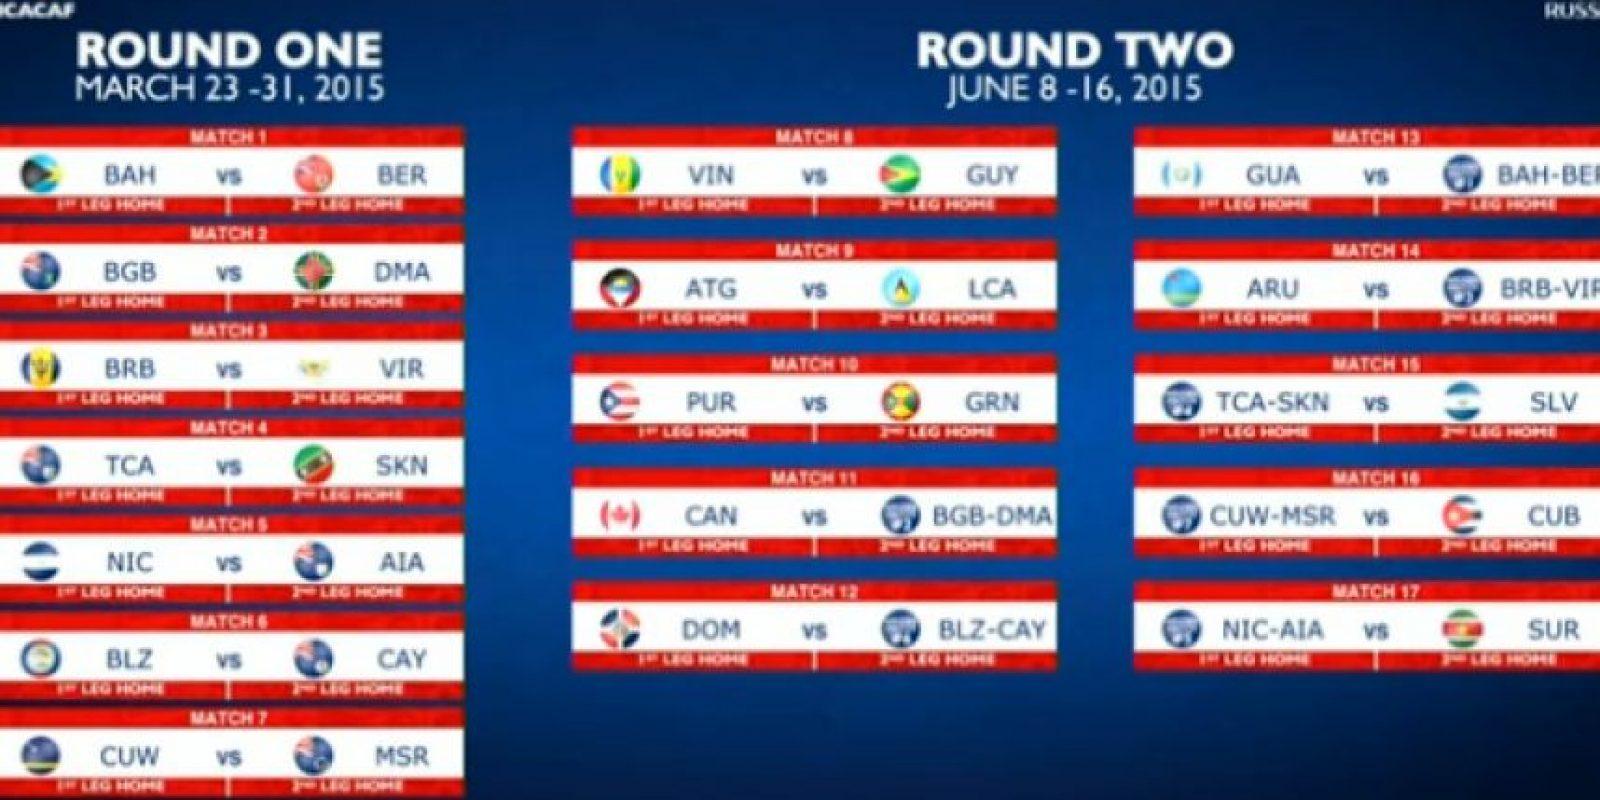 La bicolor sabrá el 31 de marzo cual de los dos equipos del caribe será su primer rival. Foto:Publinews